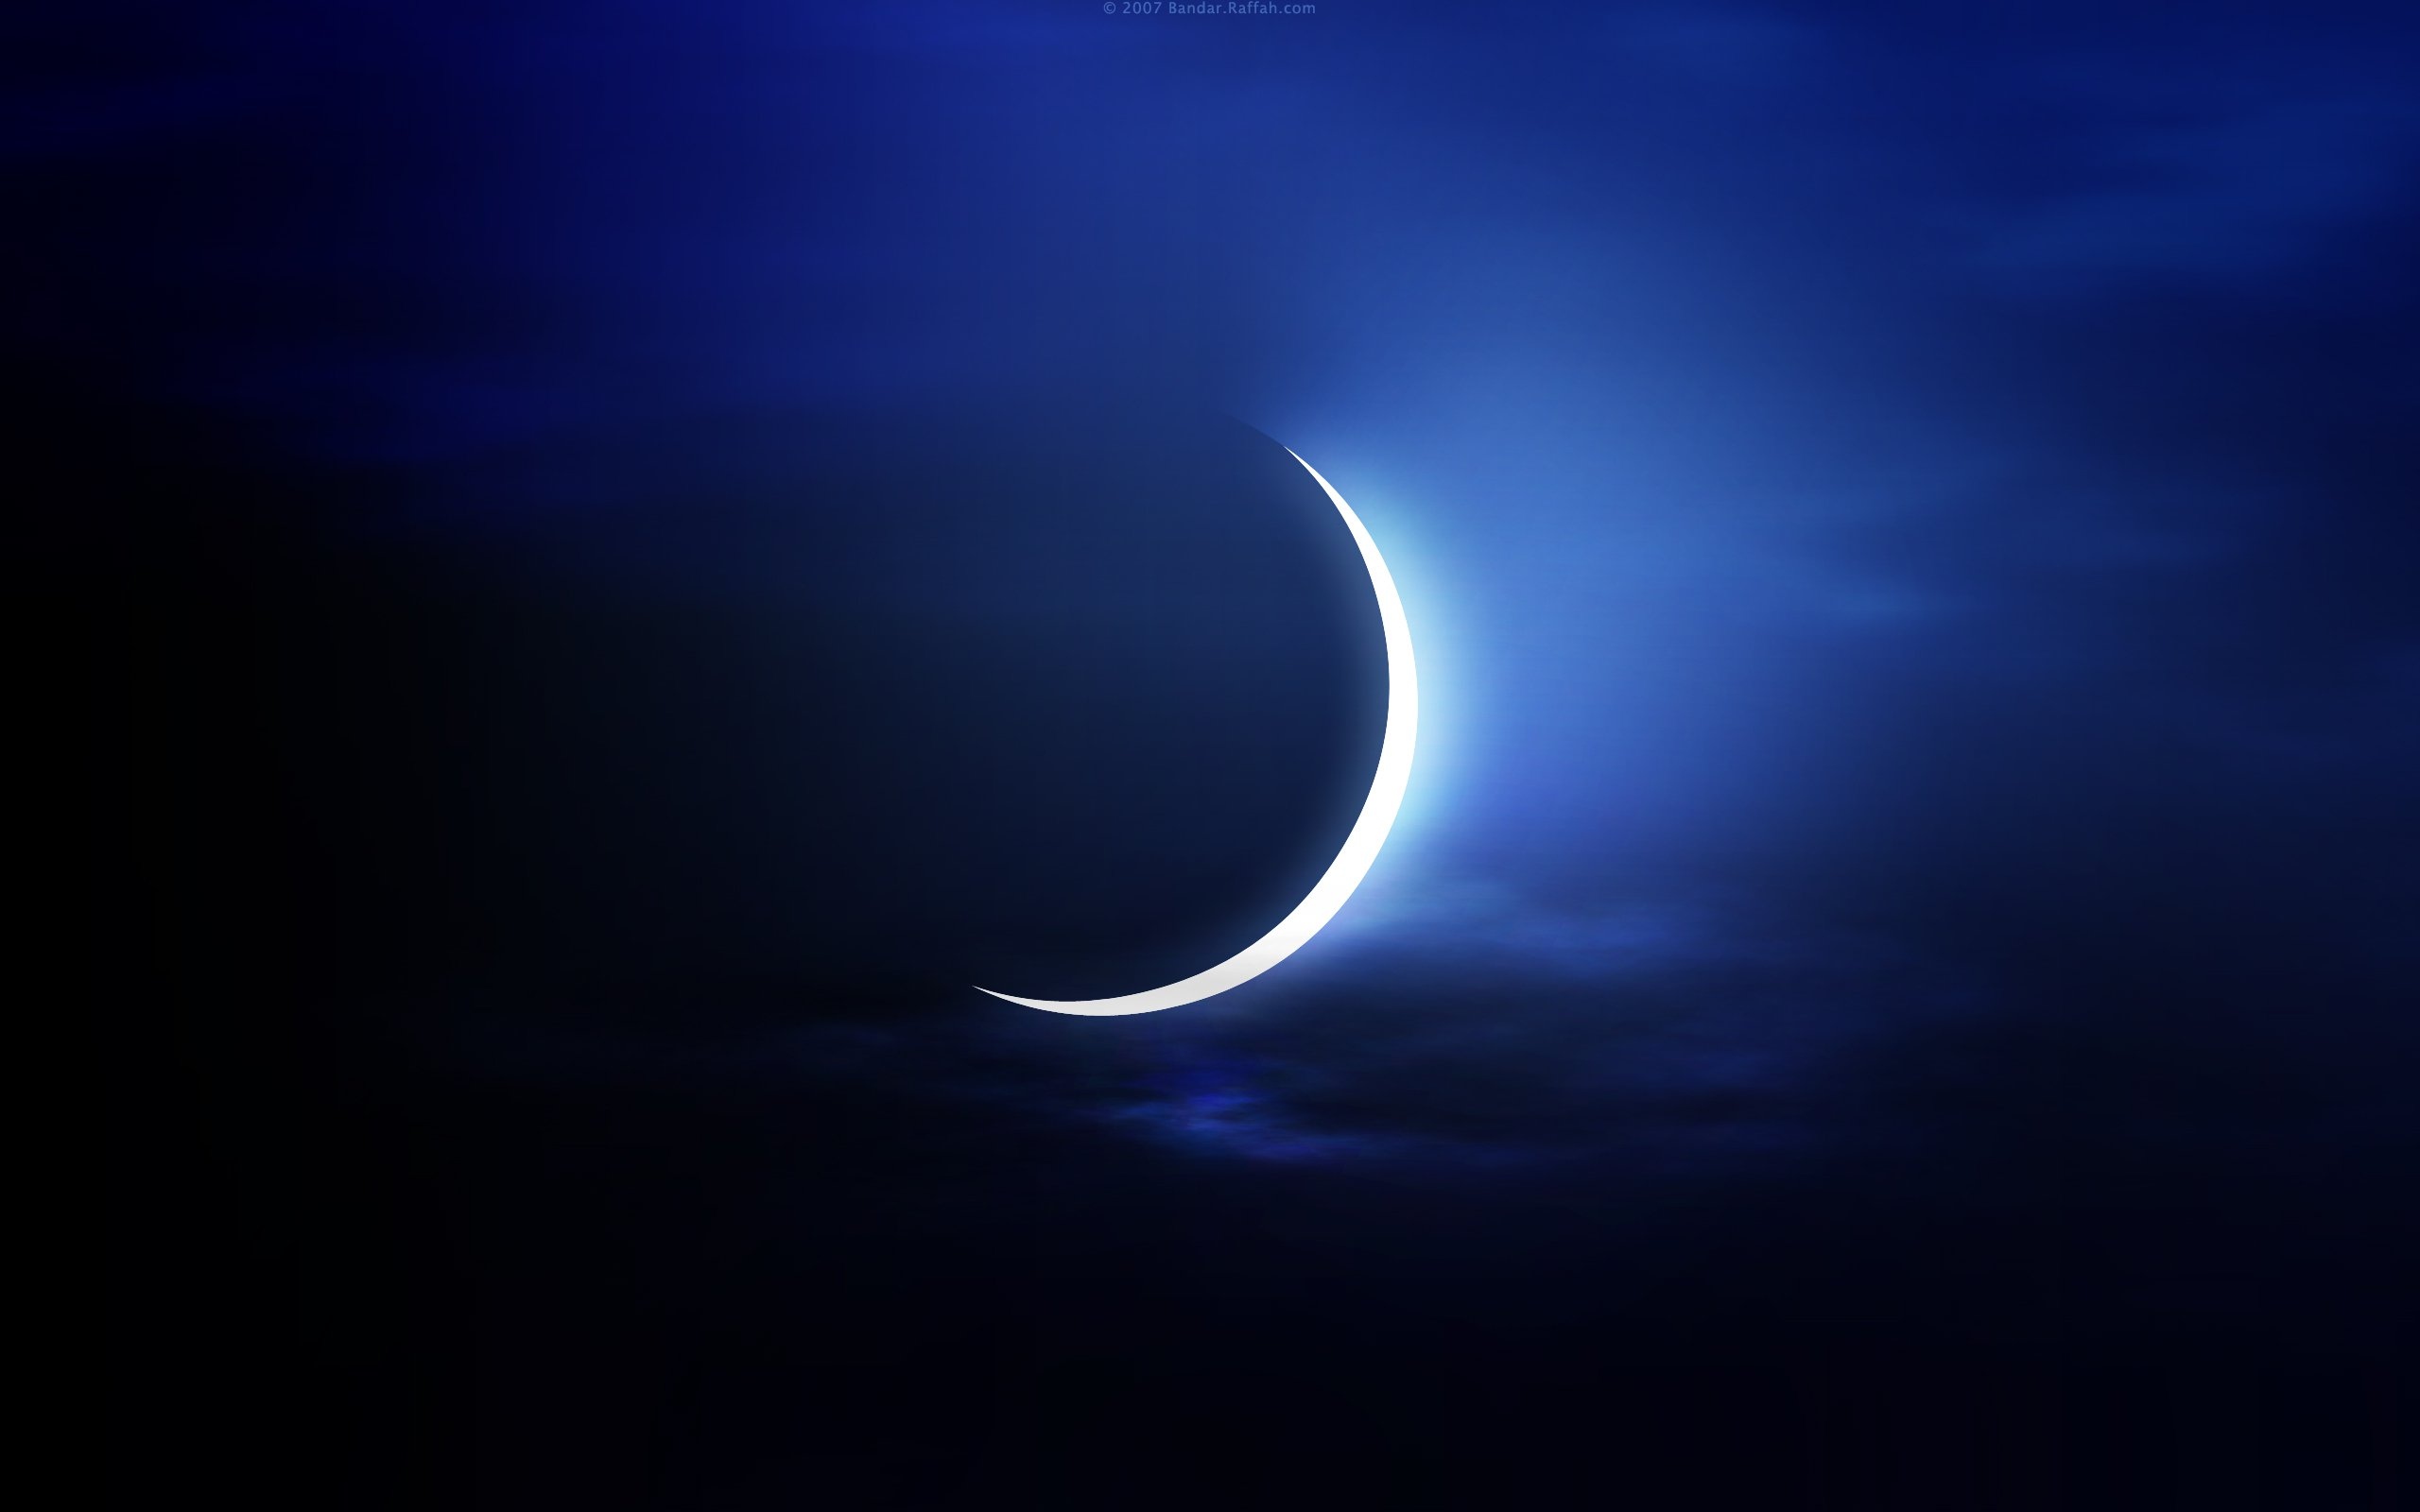 صورة إعلان فترة حظر التجول في رمضان